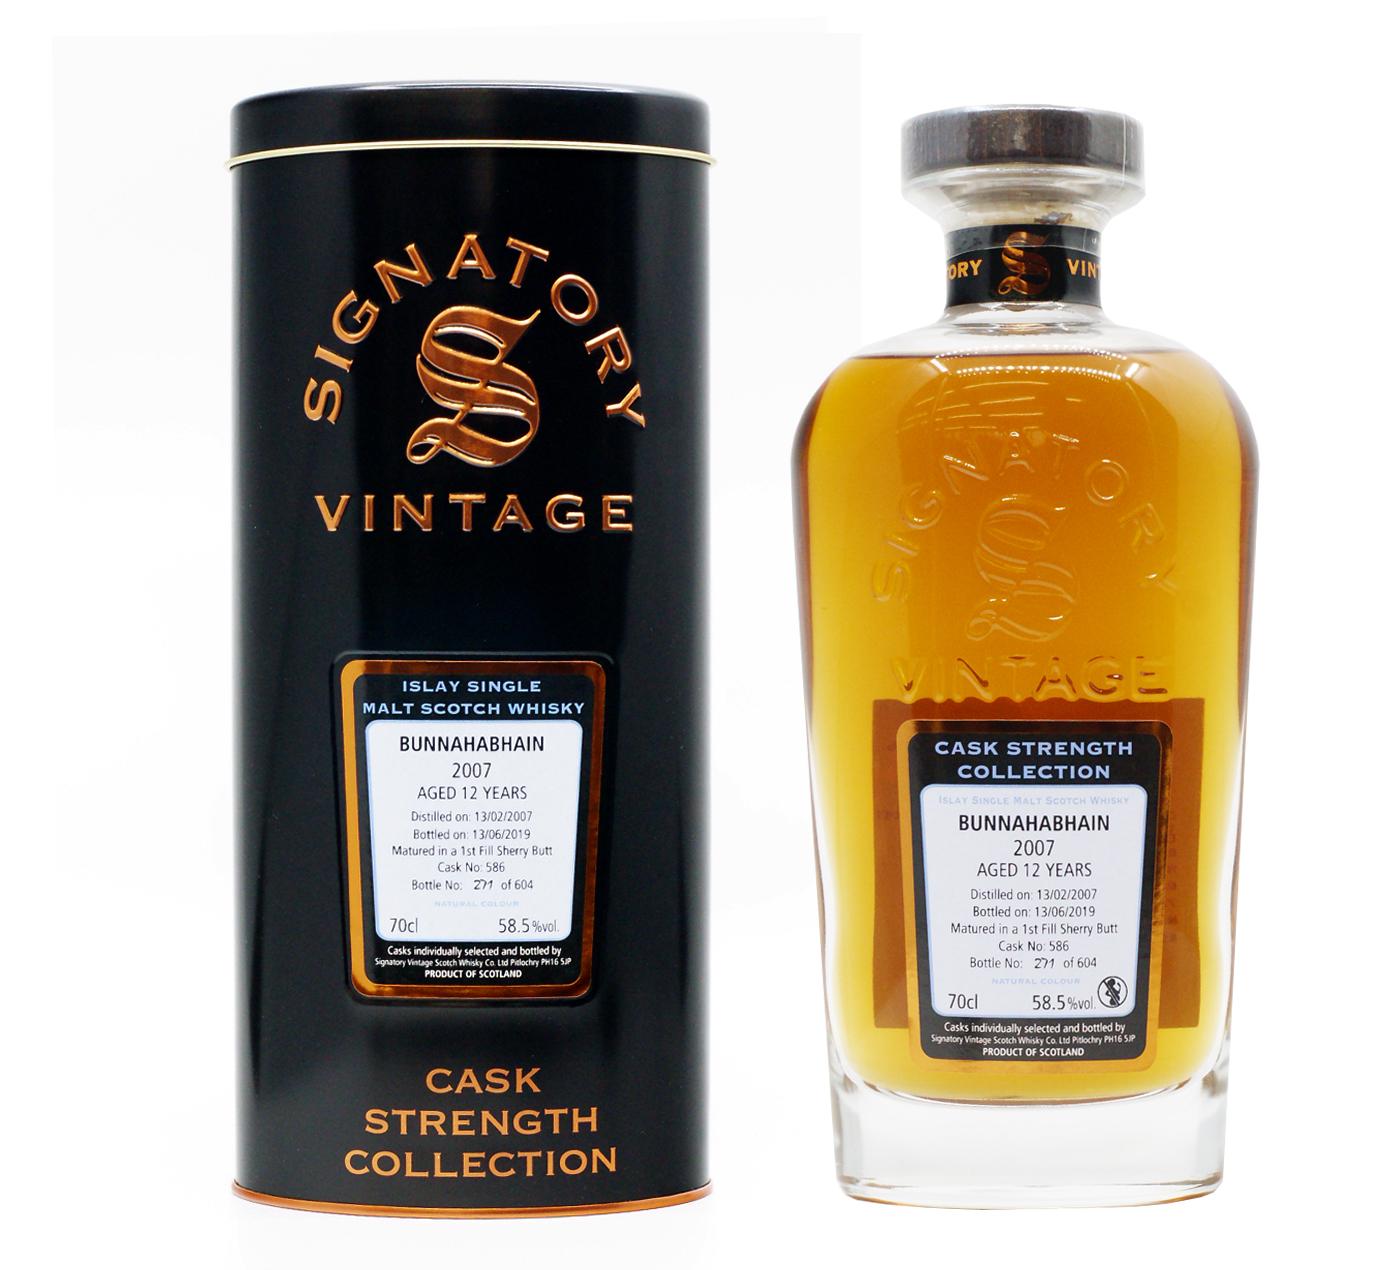 ウイスキー・スコッチ シグナトリー カスクストレングスコレクション ブハナーブン 2007  58.5%/700ml(1stフィルシェリー樽熟成)